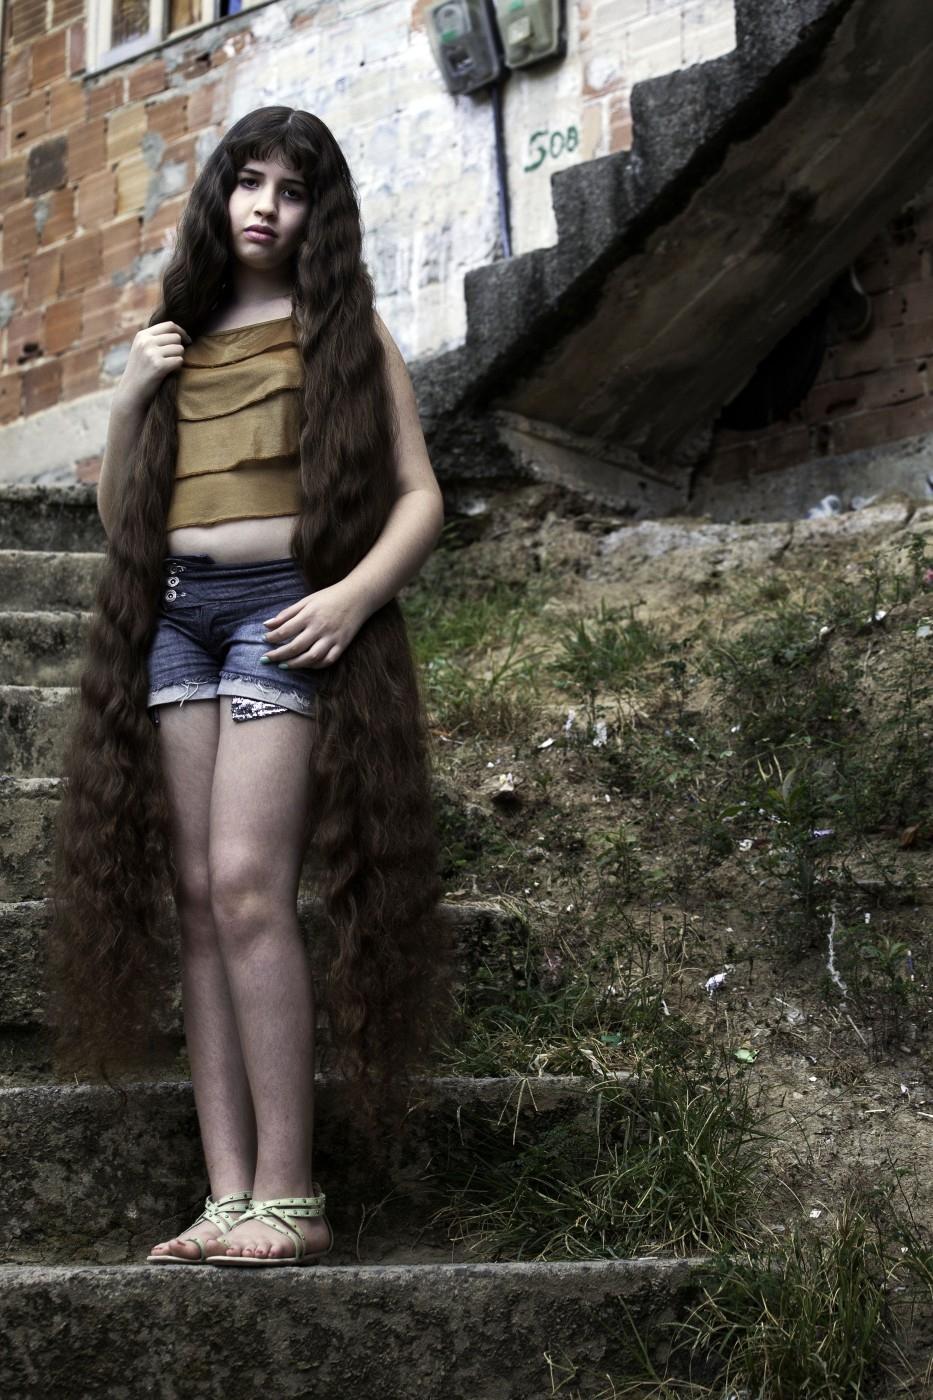 Brazil 3 12 летняя Рапунцель из Бразилии продаст косу, чтобы сделать ремонт в квартире